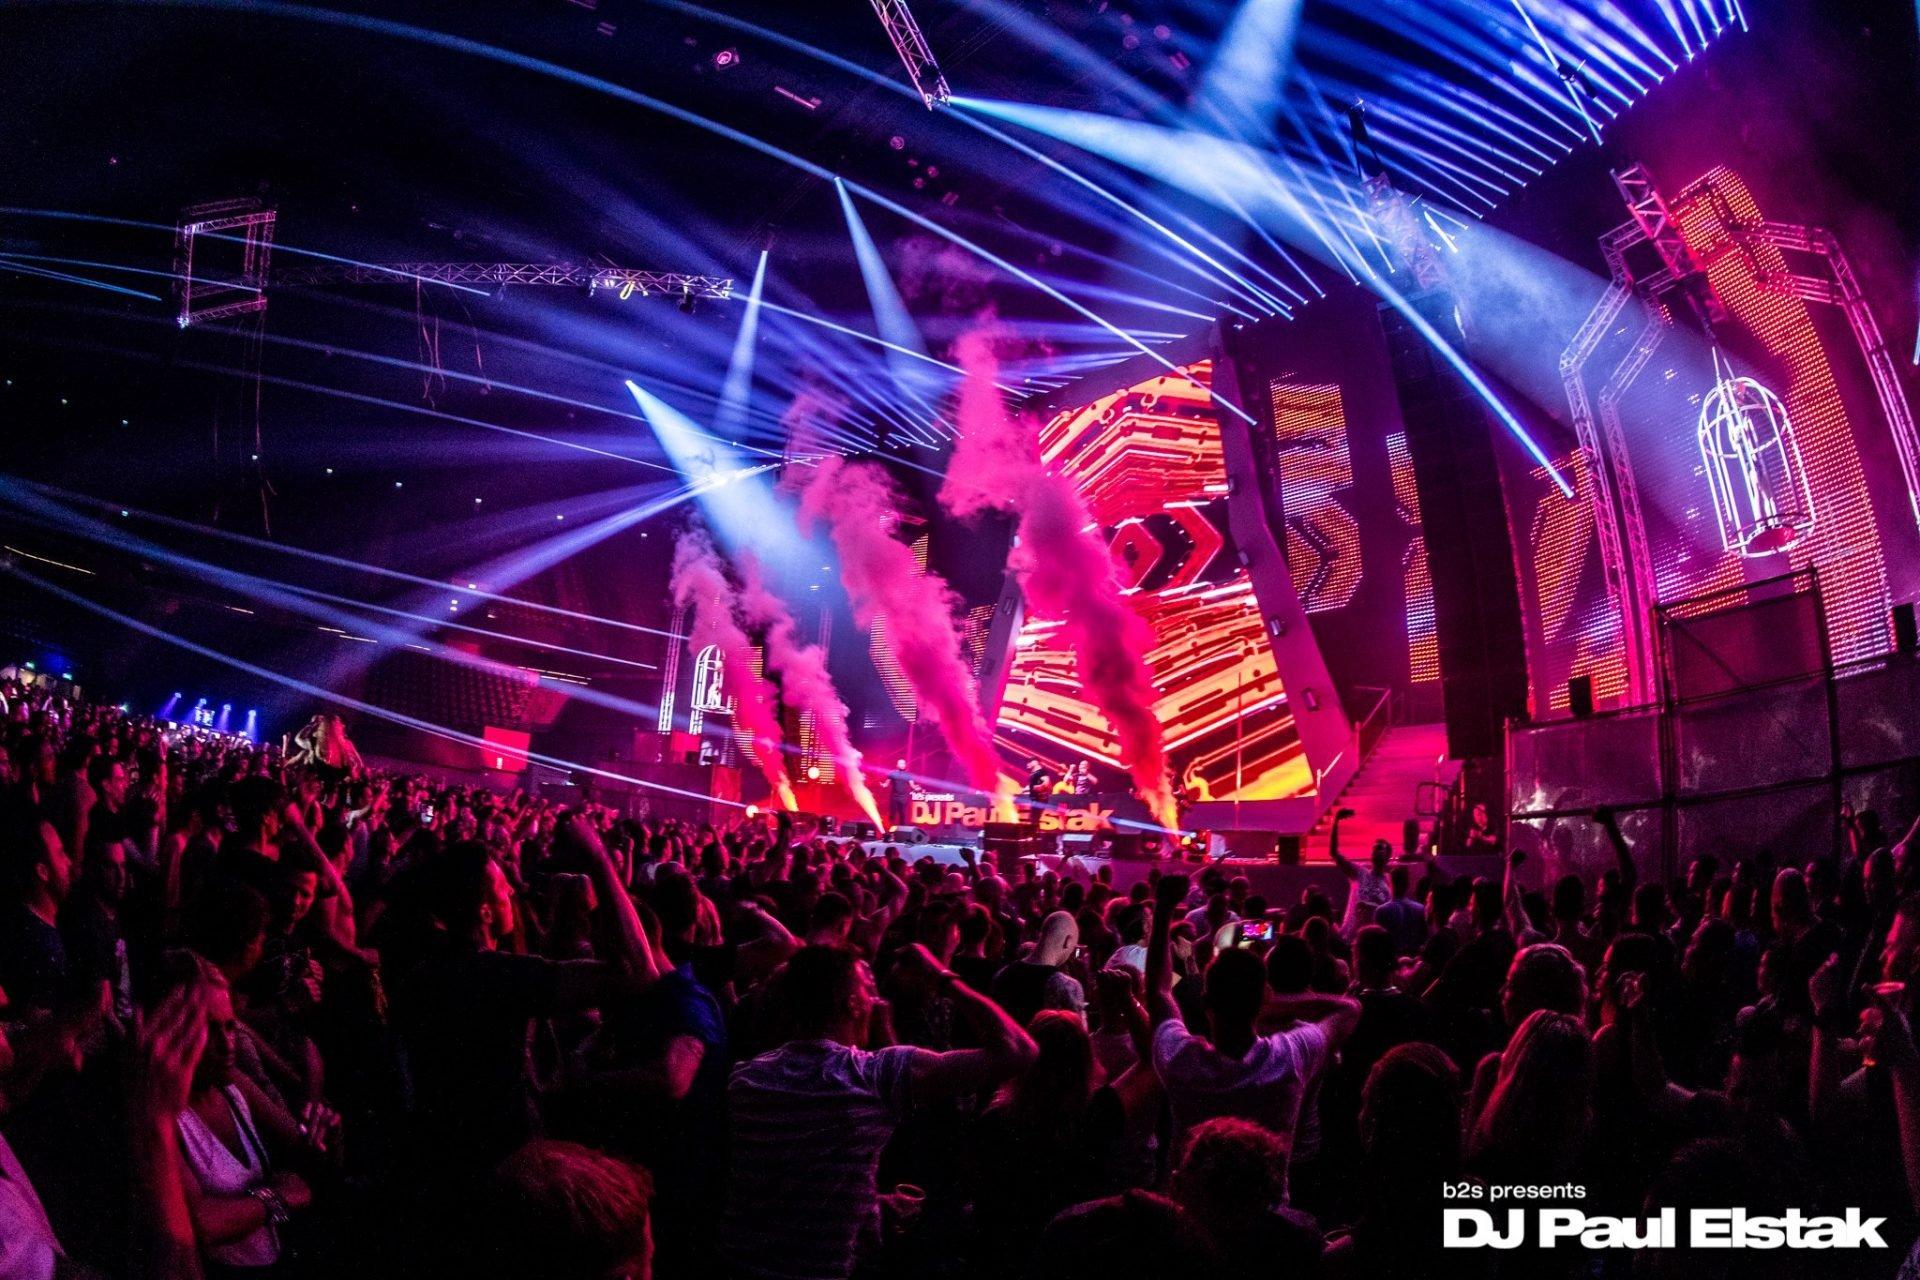 B2S DJ Paul Elstak